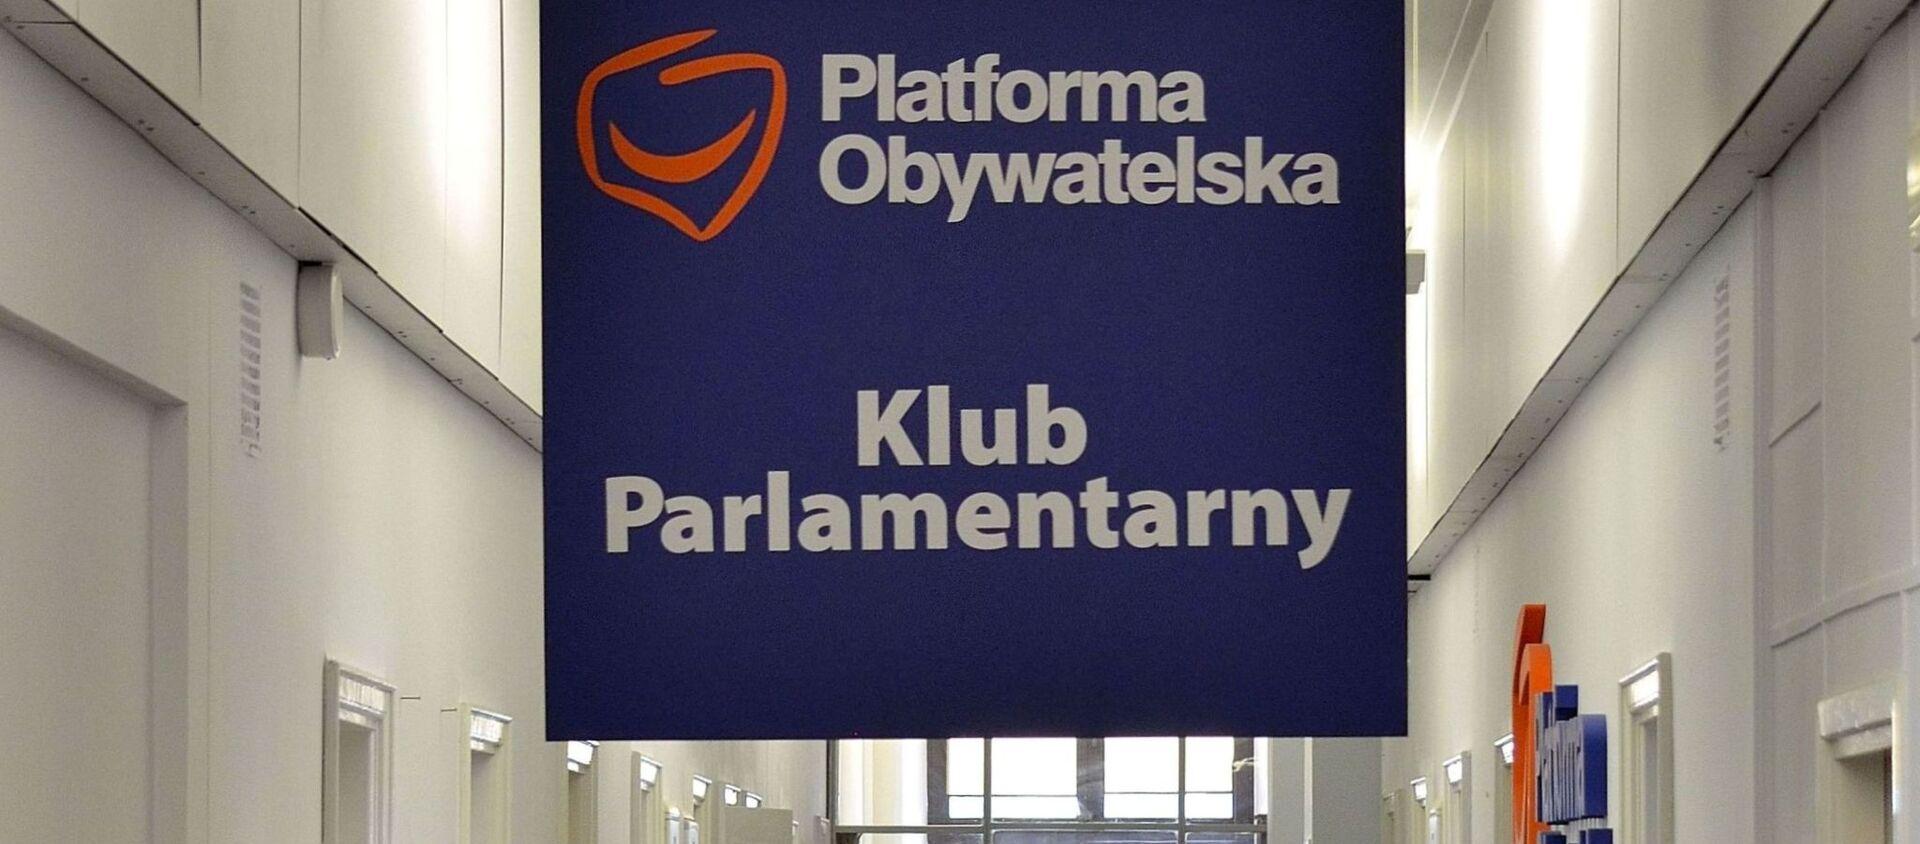 Platforma Obywatelska - Sputnik Polska, 1920, 18.02.2021